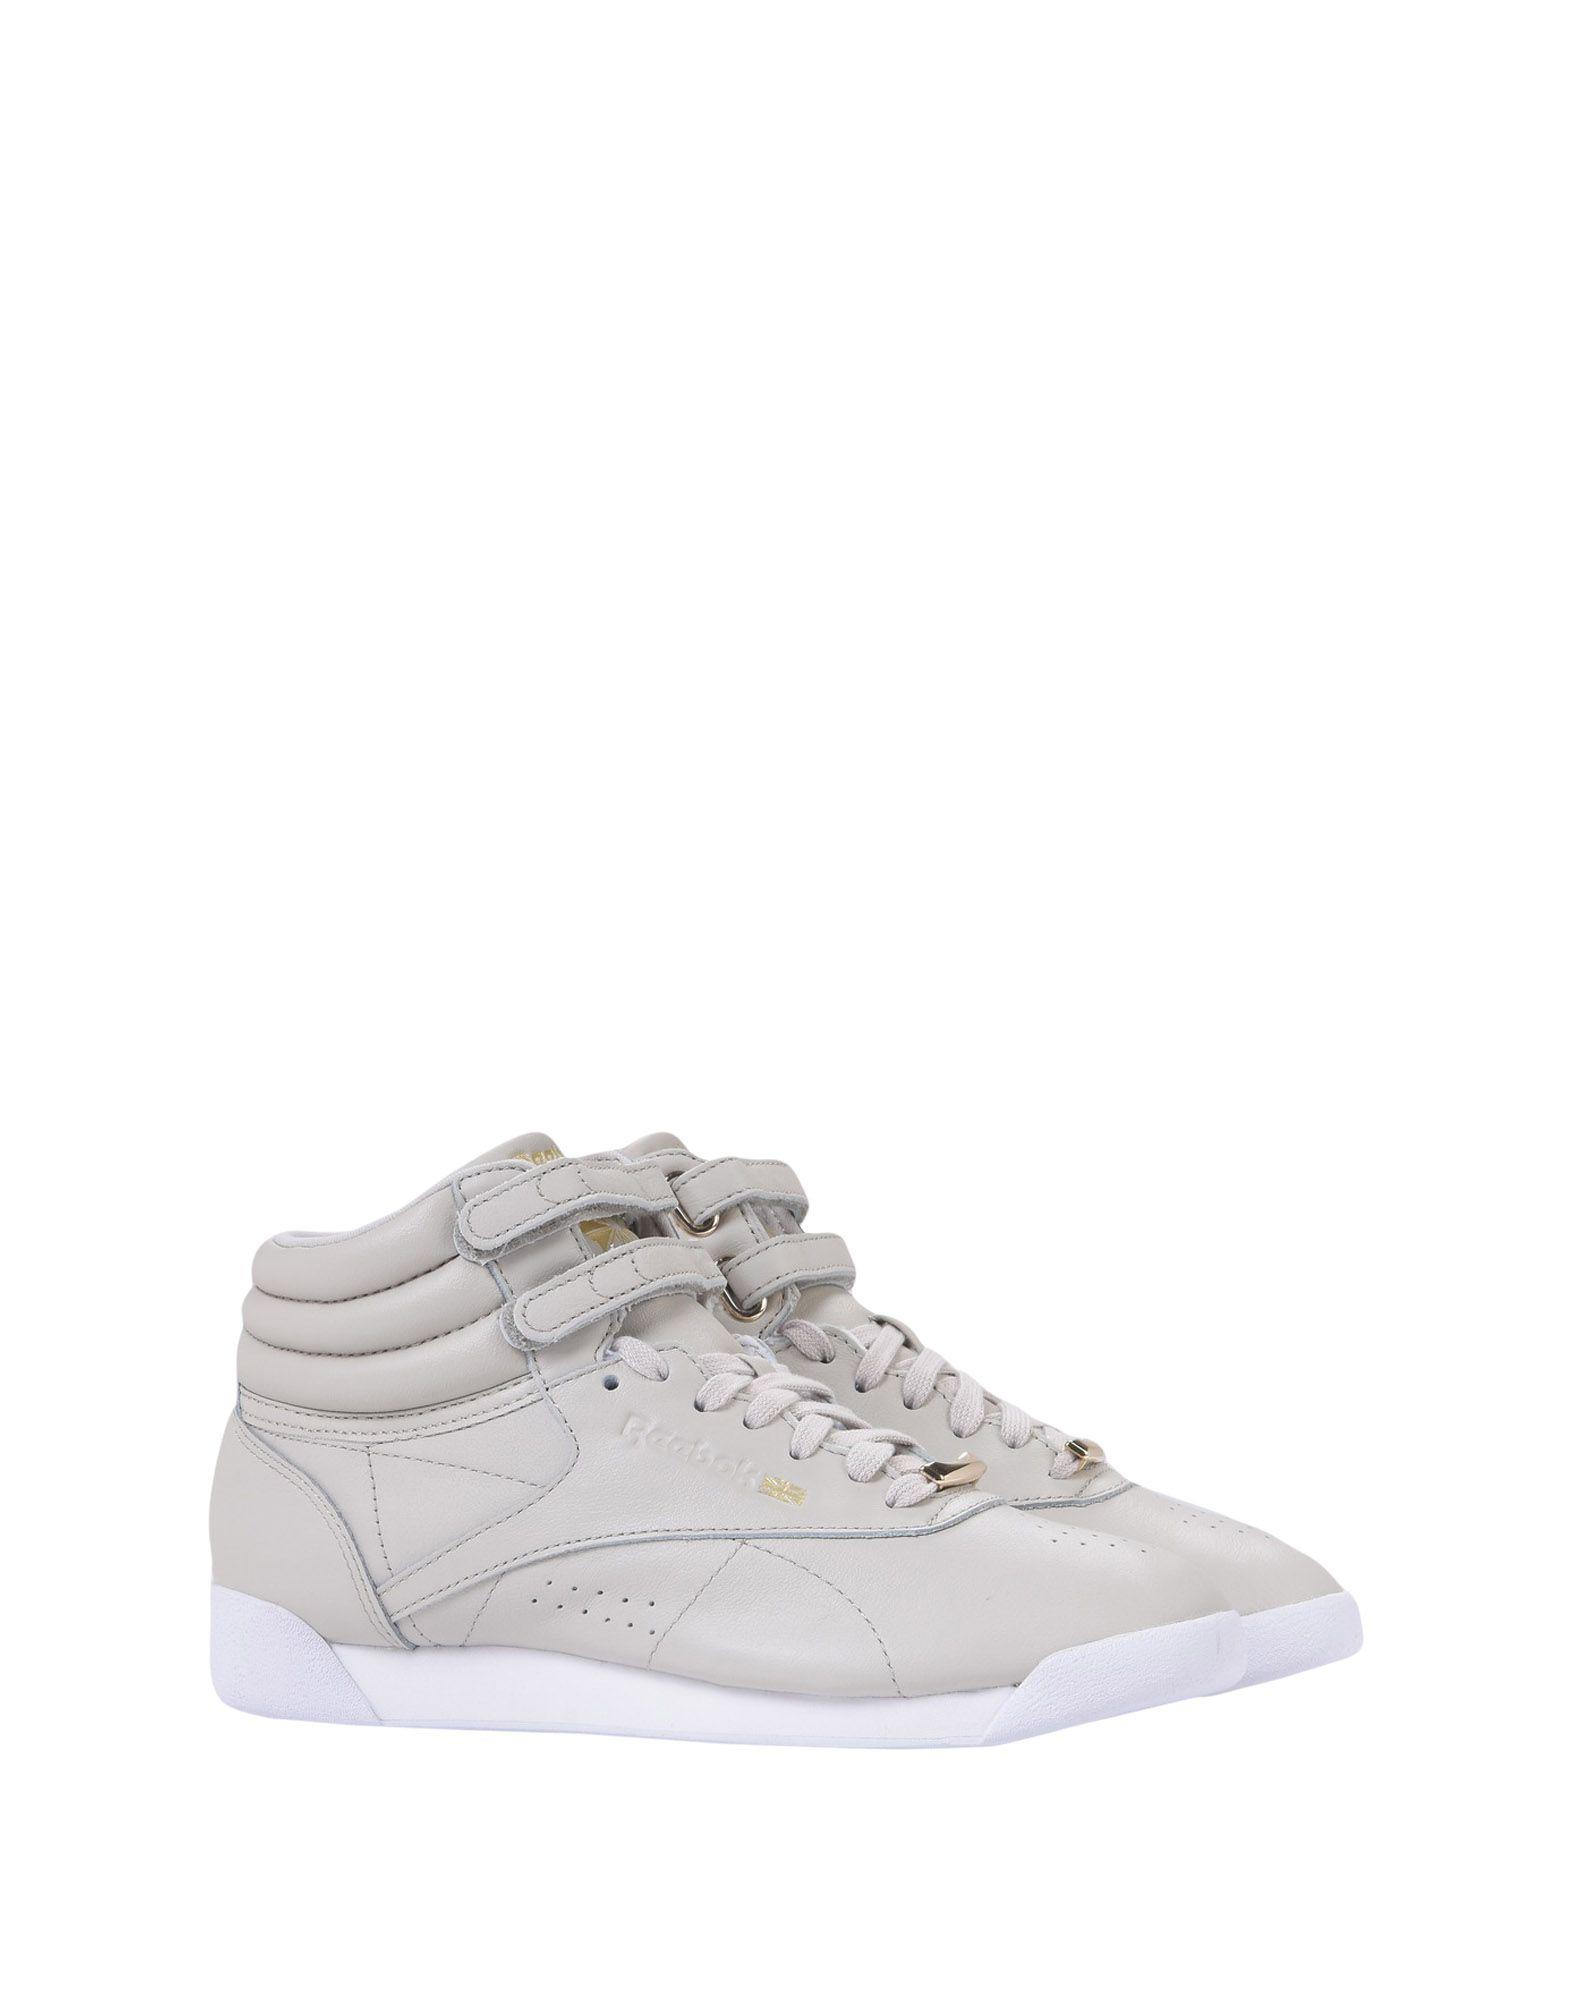 ... Sneakers Reebok F/S Hi Muted - Femme - Sneakers Reebok sur